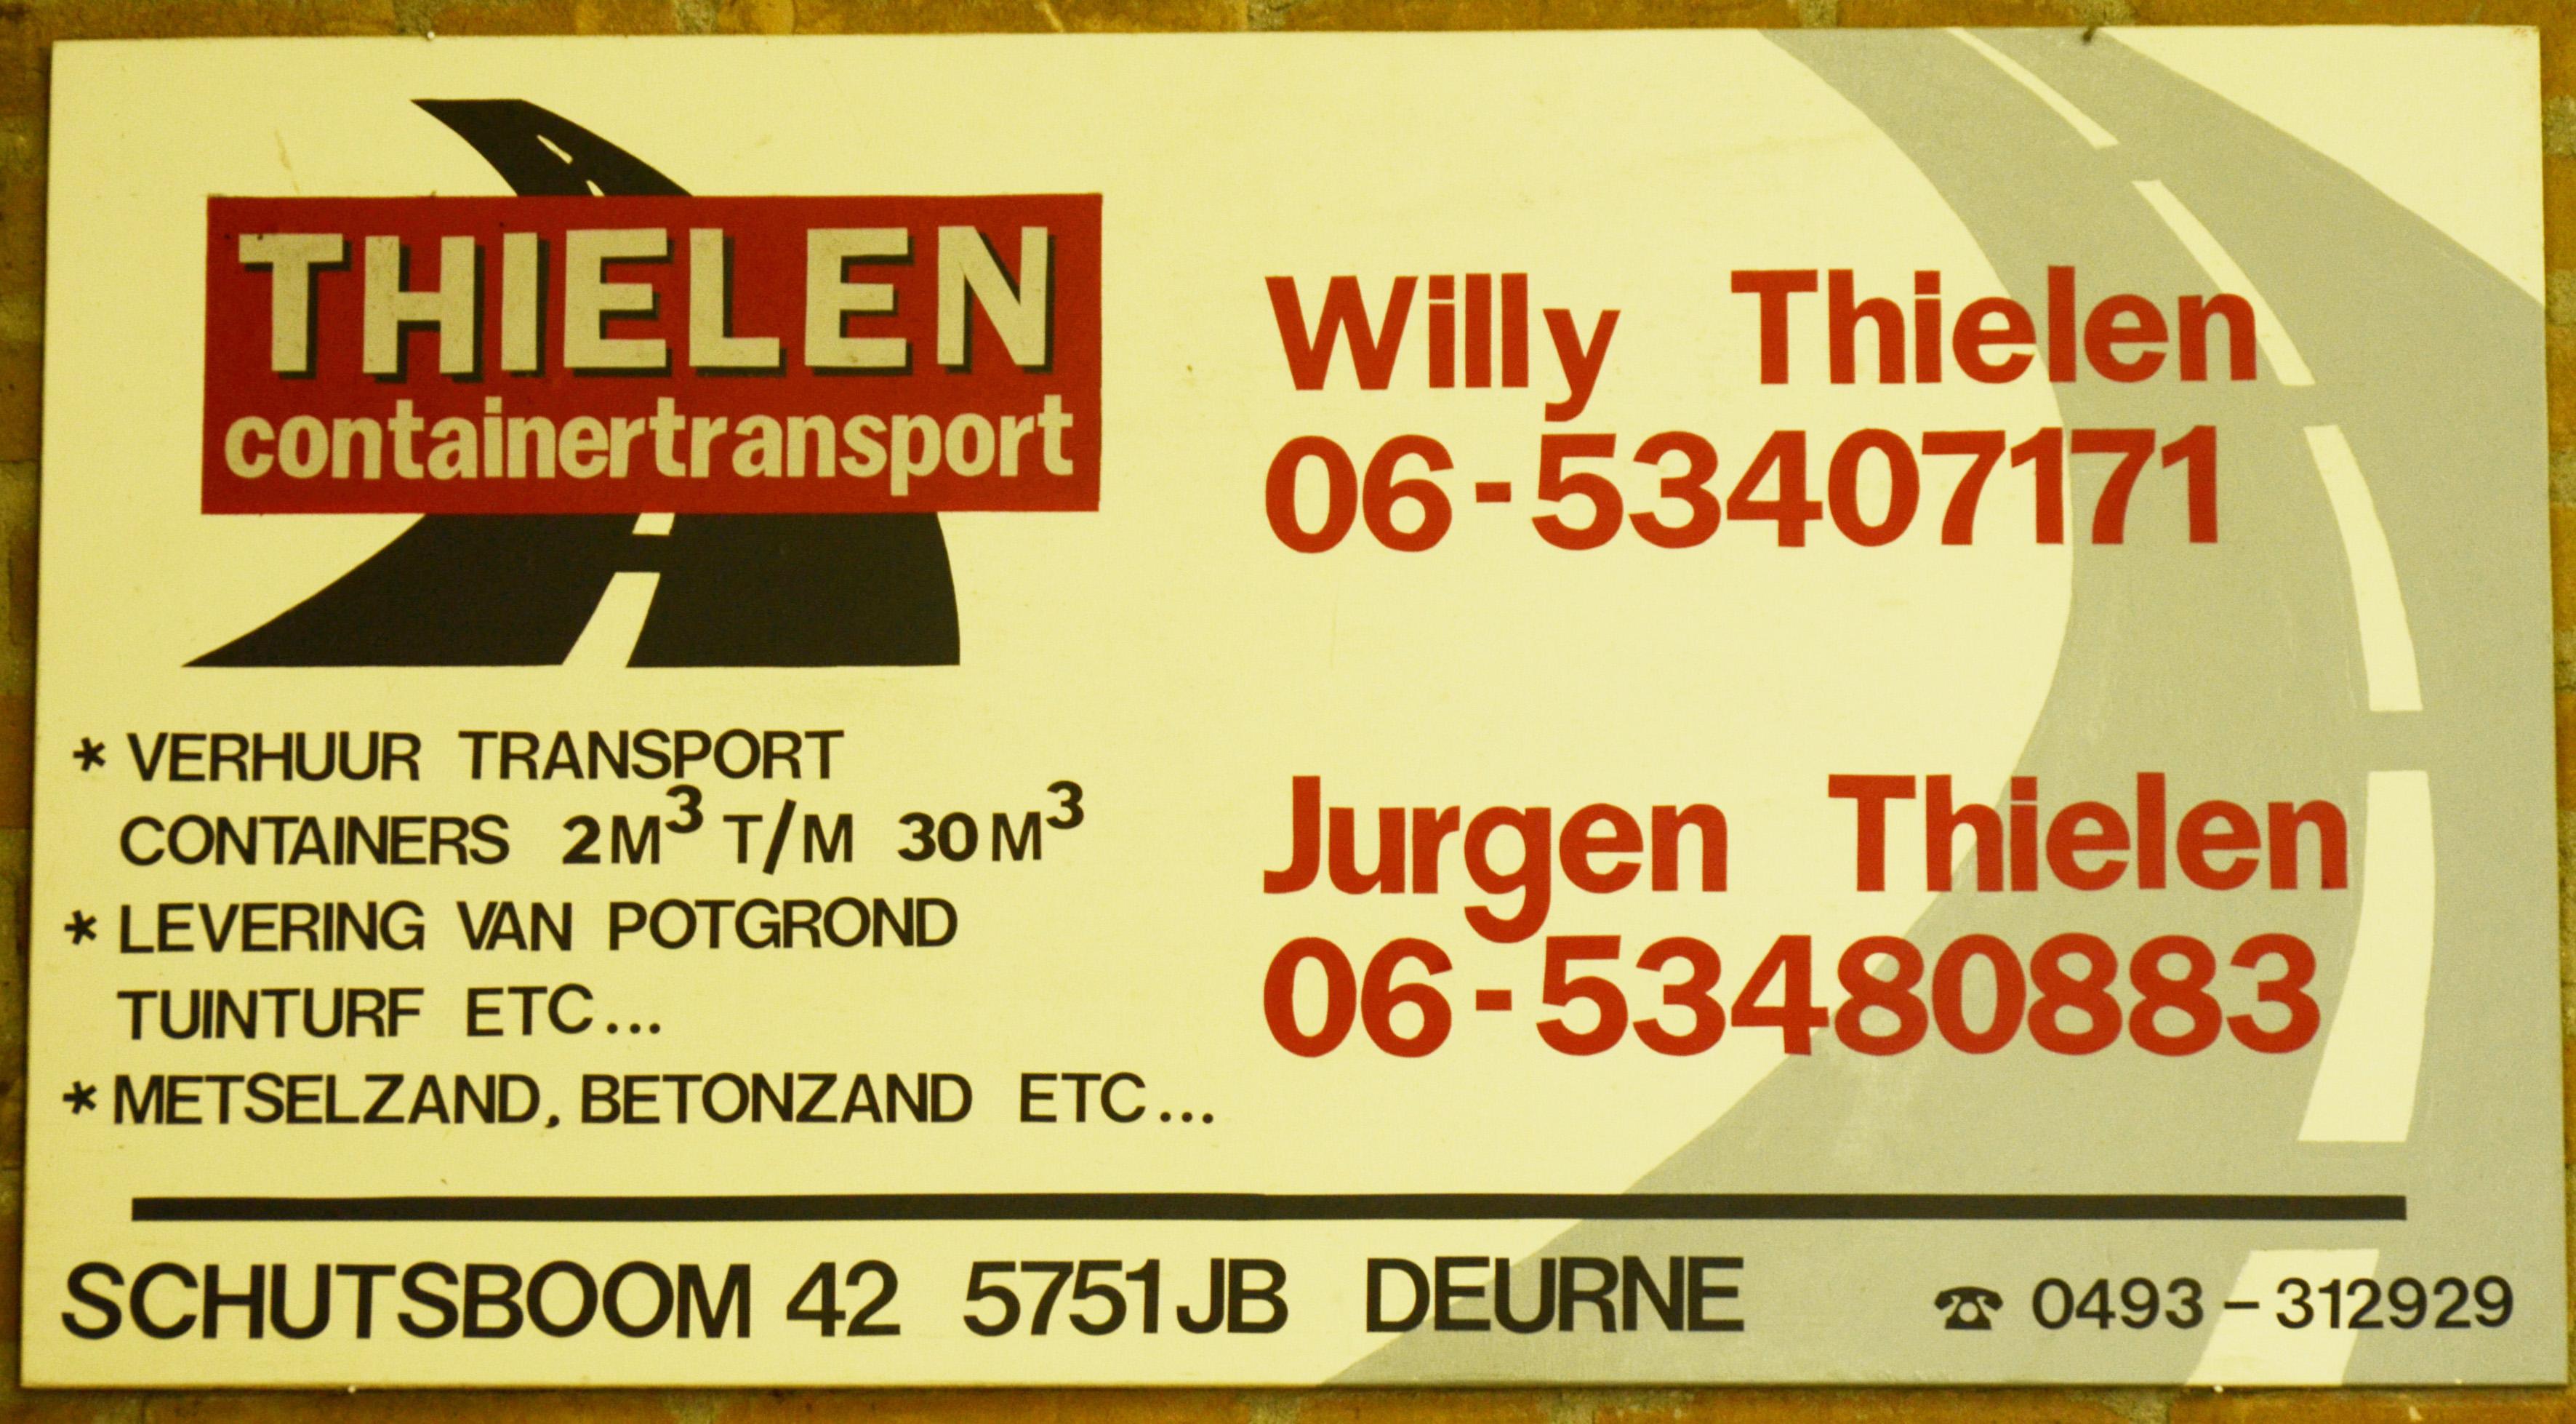 Thielen